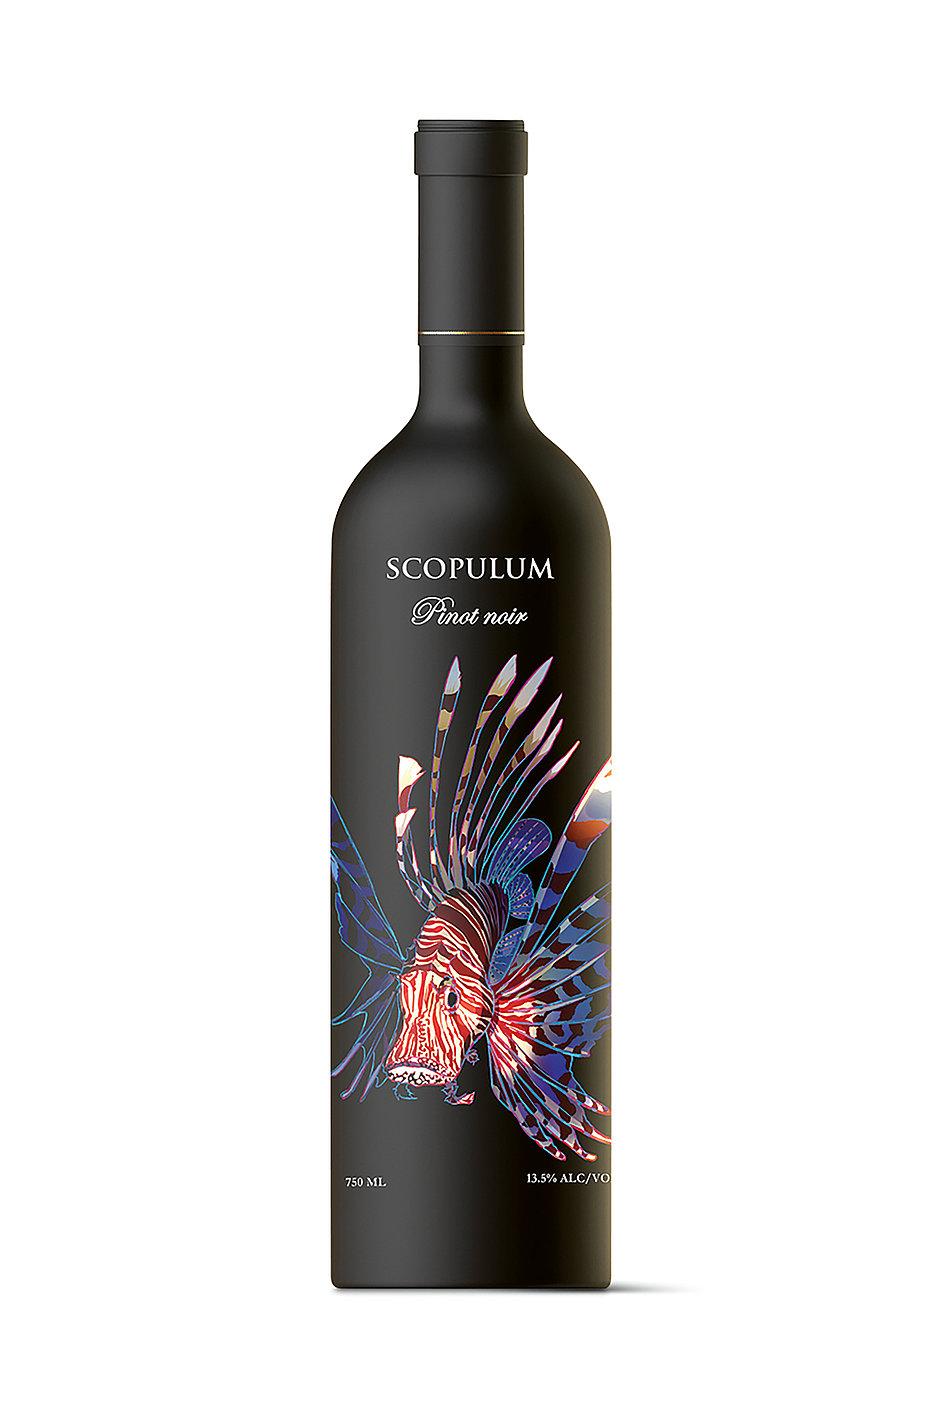 Scopulum Wine Bottles | Red Dot Design Award